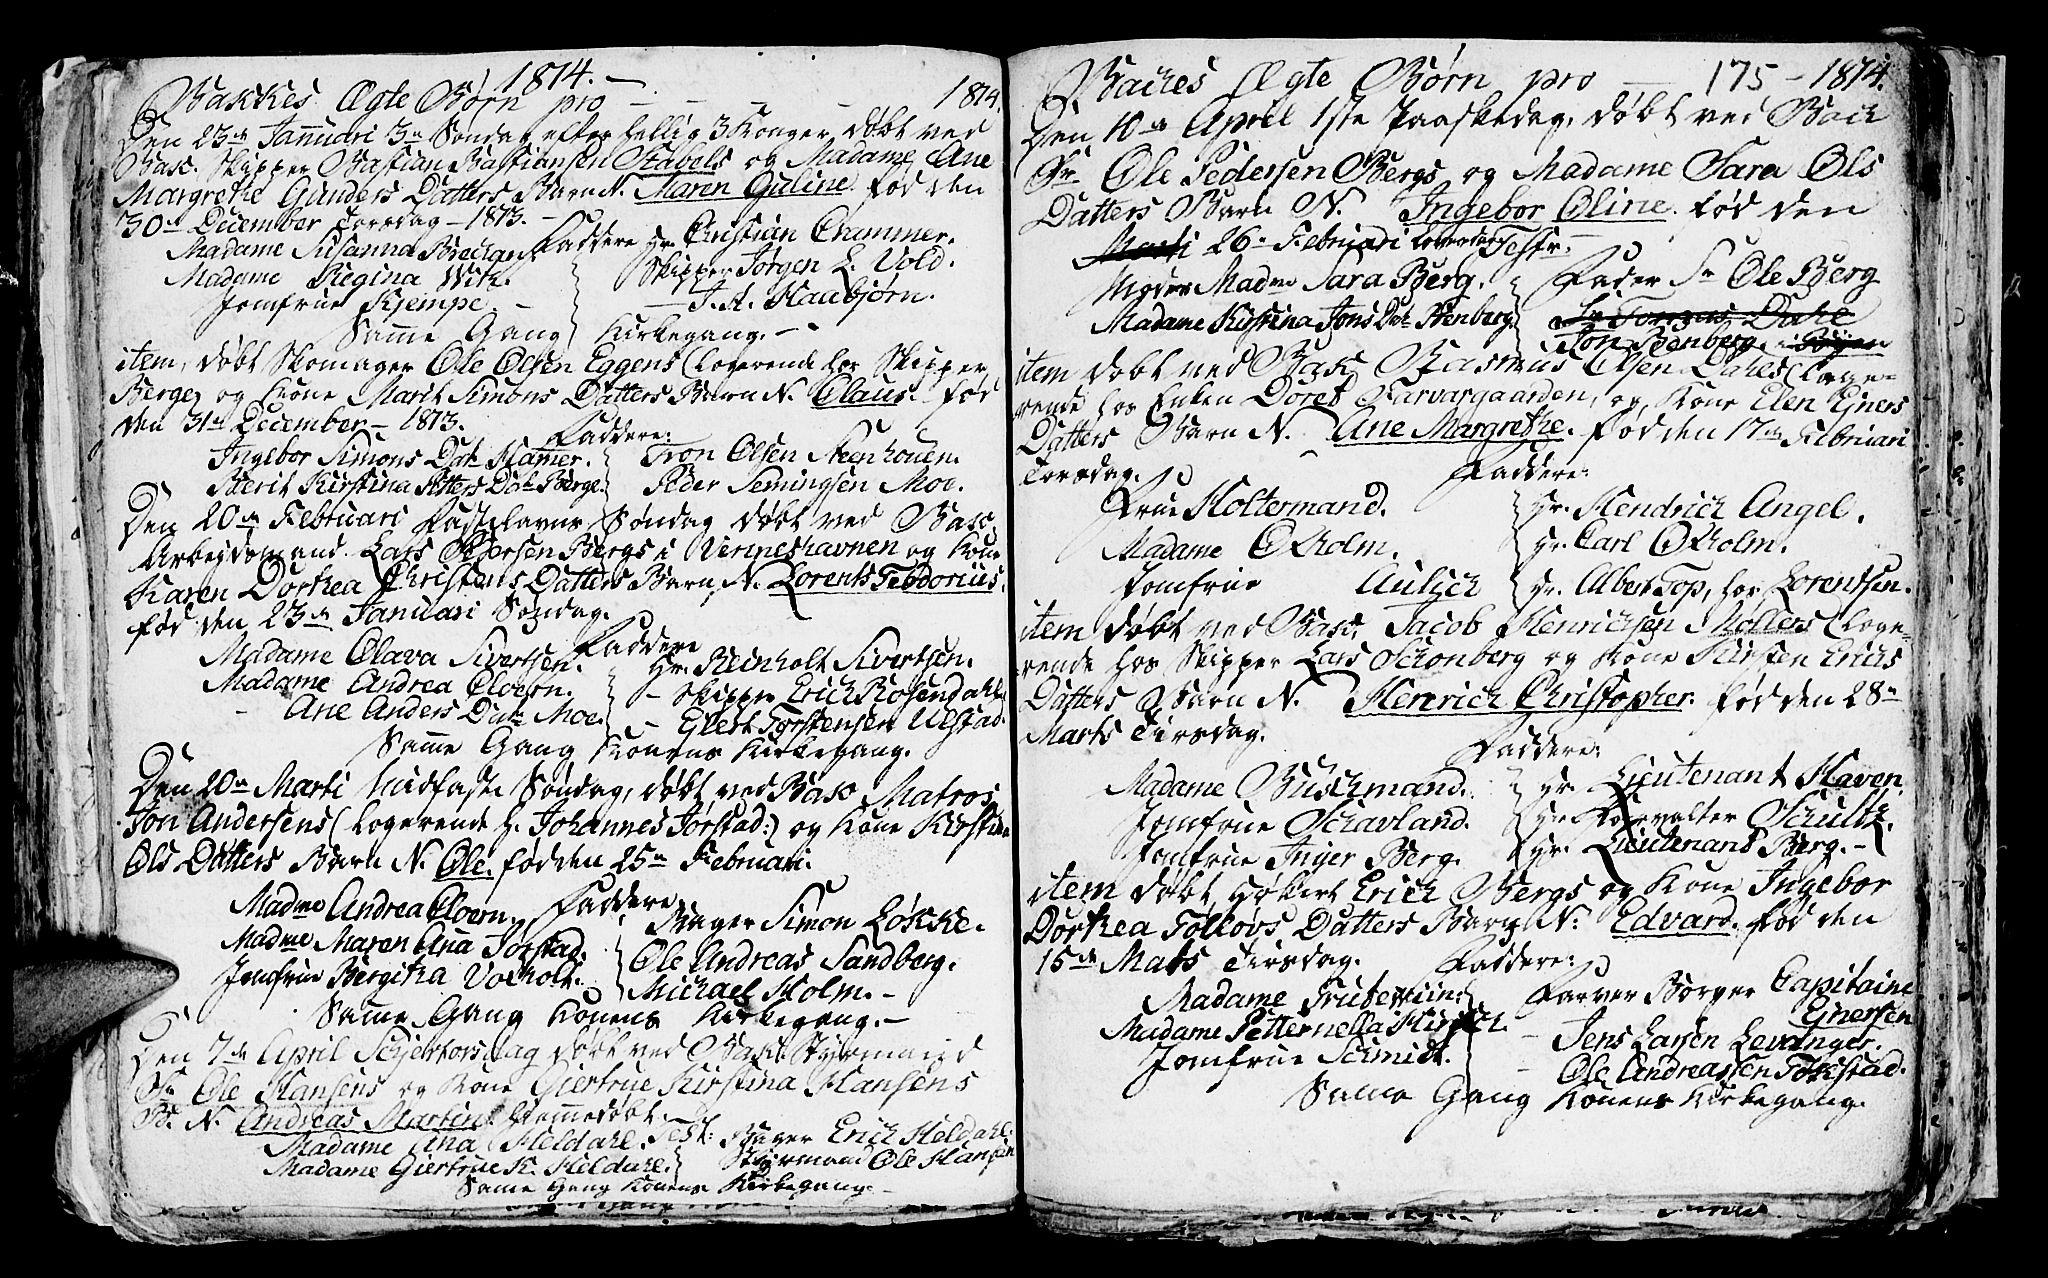 SAT, Ministerialprotokoller, klokkerbøker og fødselsregistre - Sør-Trøndelag, 604/L0218: Klokkerbok nr. 604C01, 1754-1819, s. 175